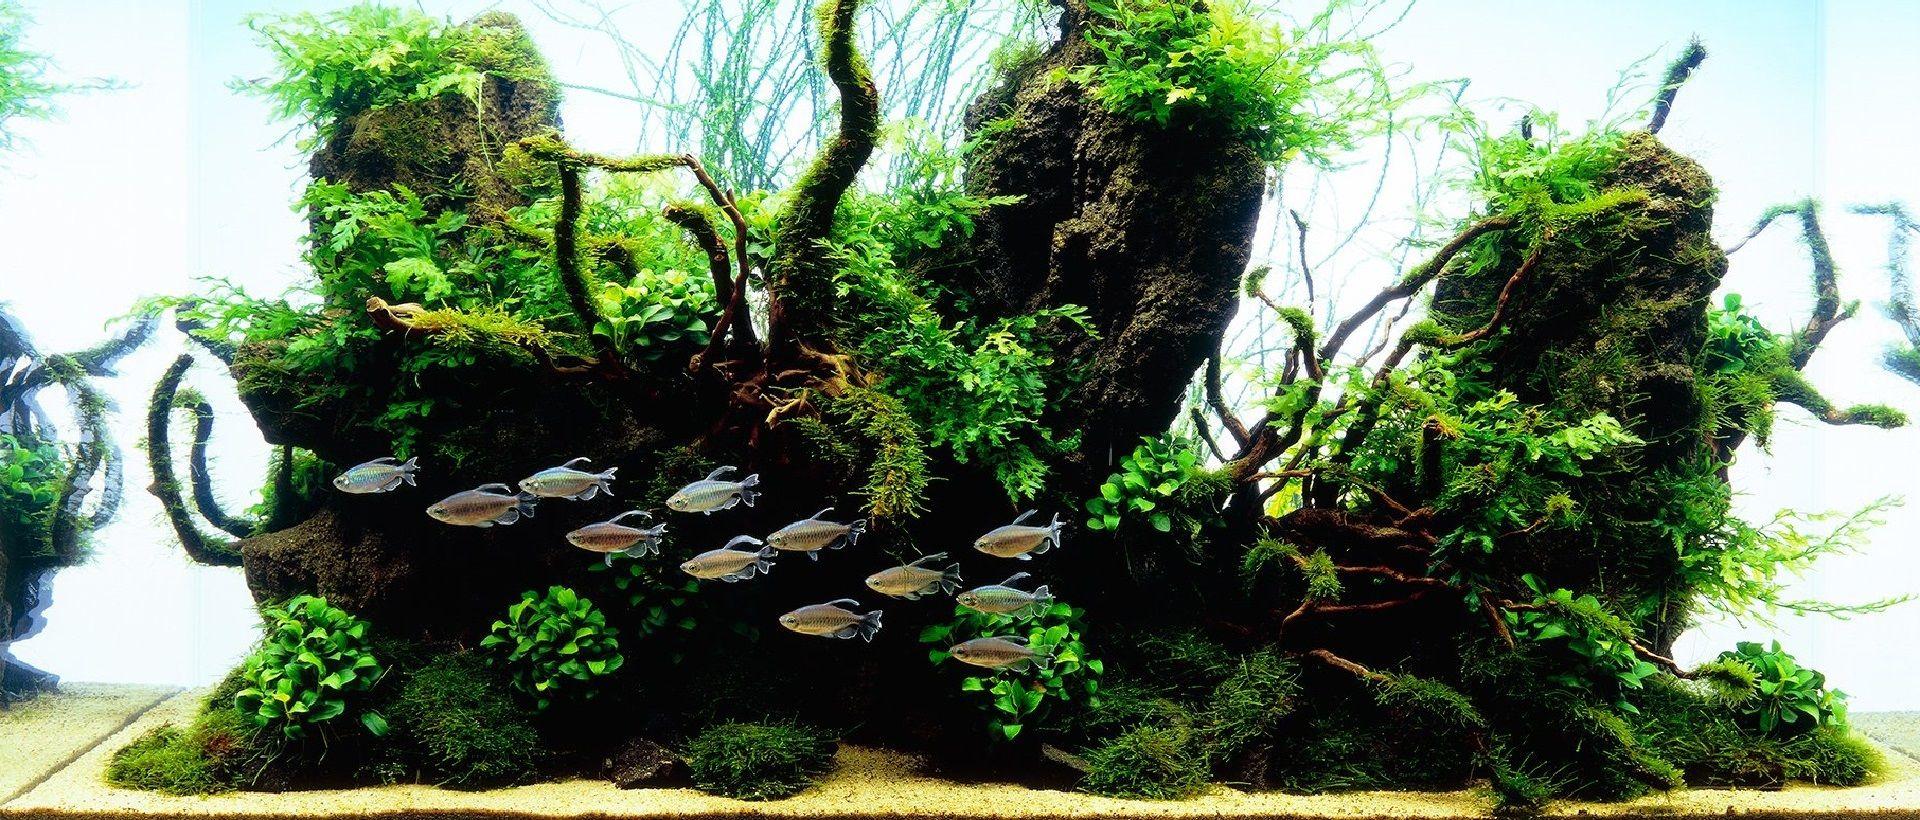 აკვარიუმის თევზი კონგო